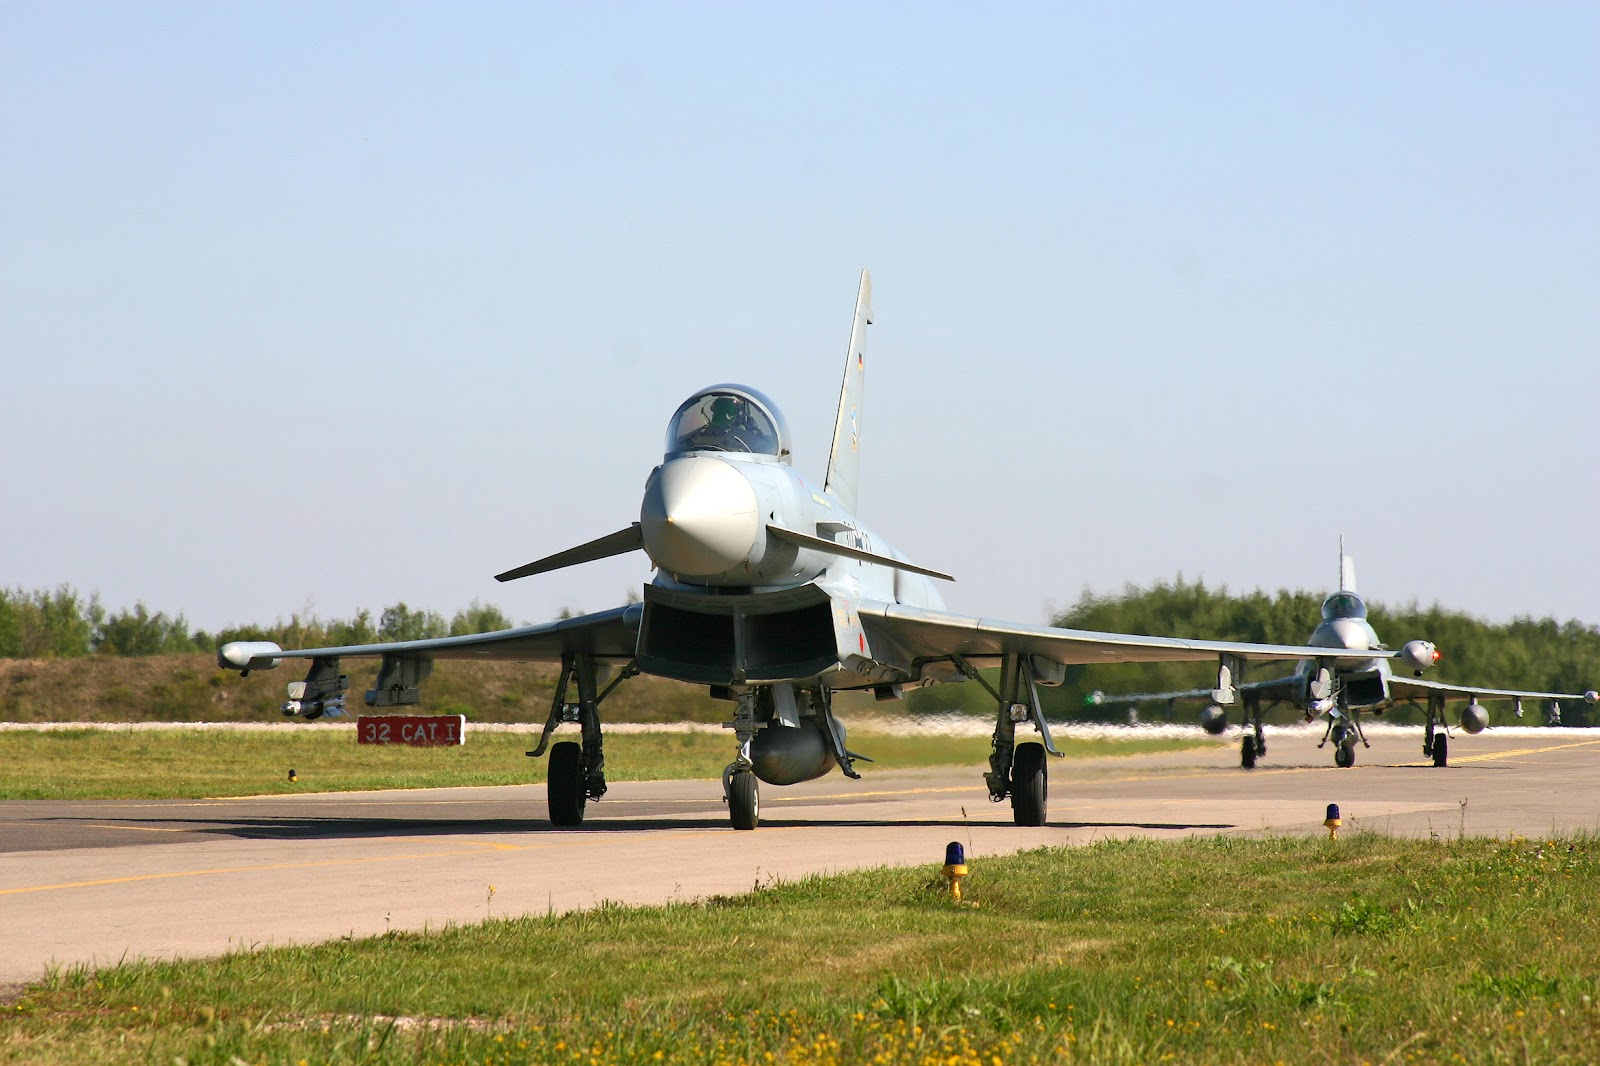 http://1.bp.blogspot.com/-mpxexNxYo48/T6ppVdKM4eI/AAAAAAAAIFI/W1uxfQ24-Os/s1600/eurofighter_typhoon_german_air_force.jpg